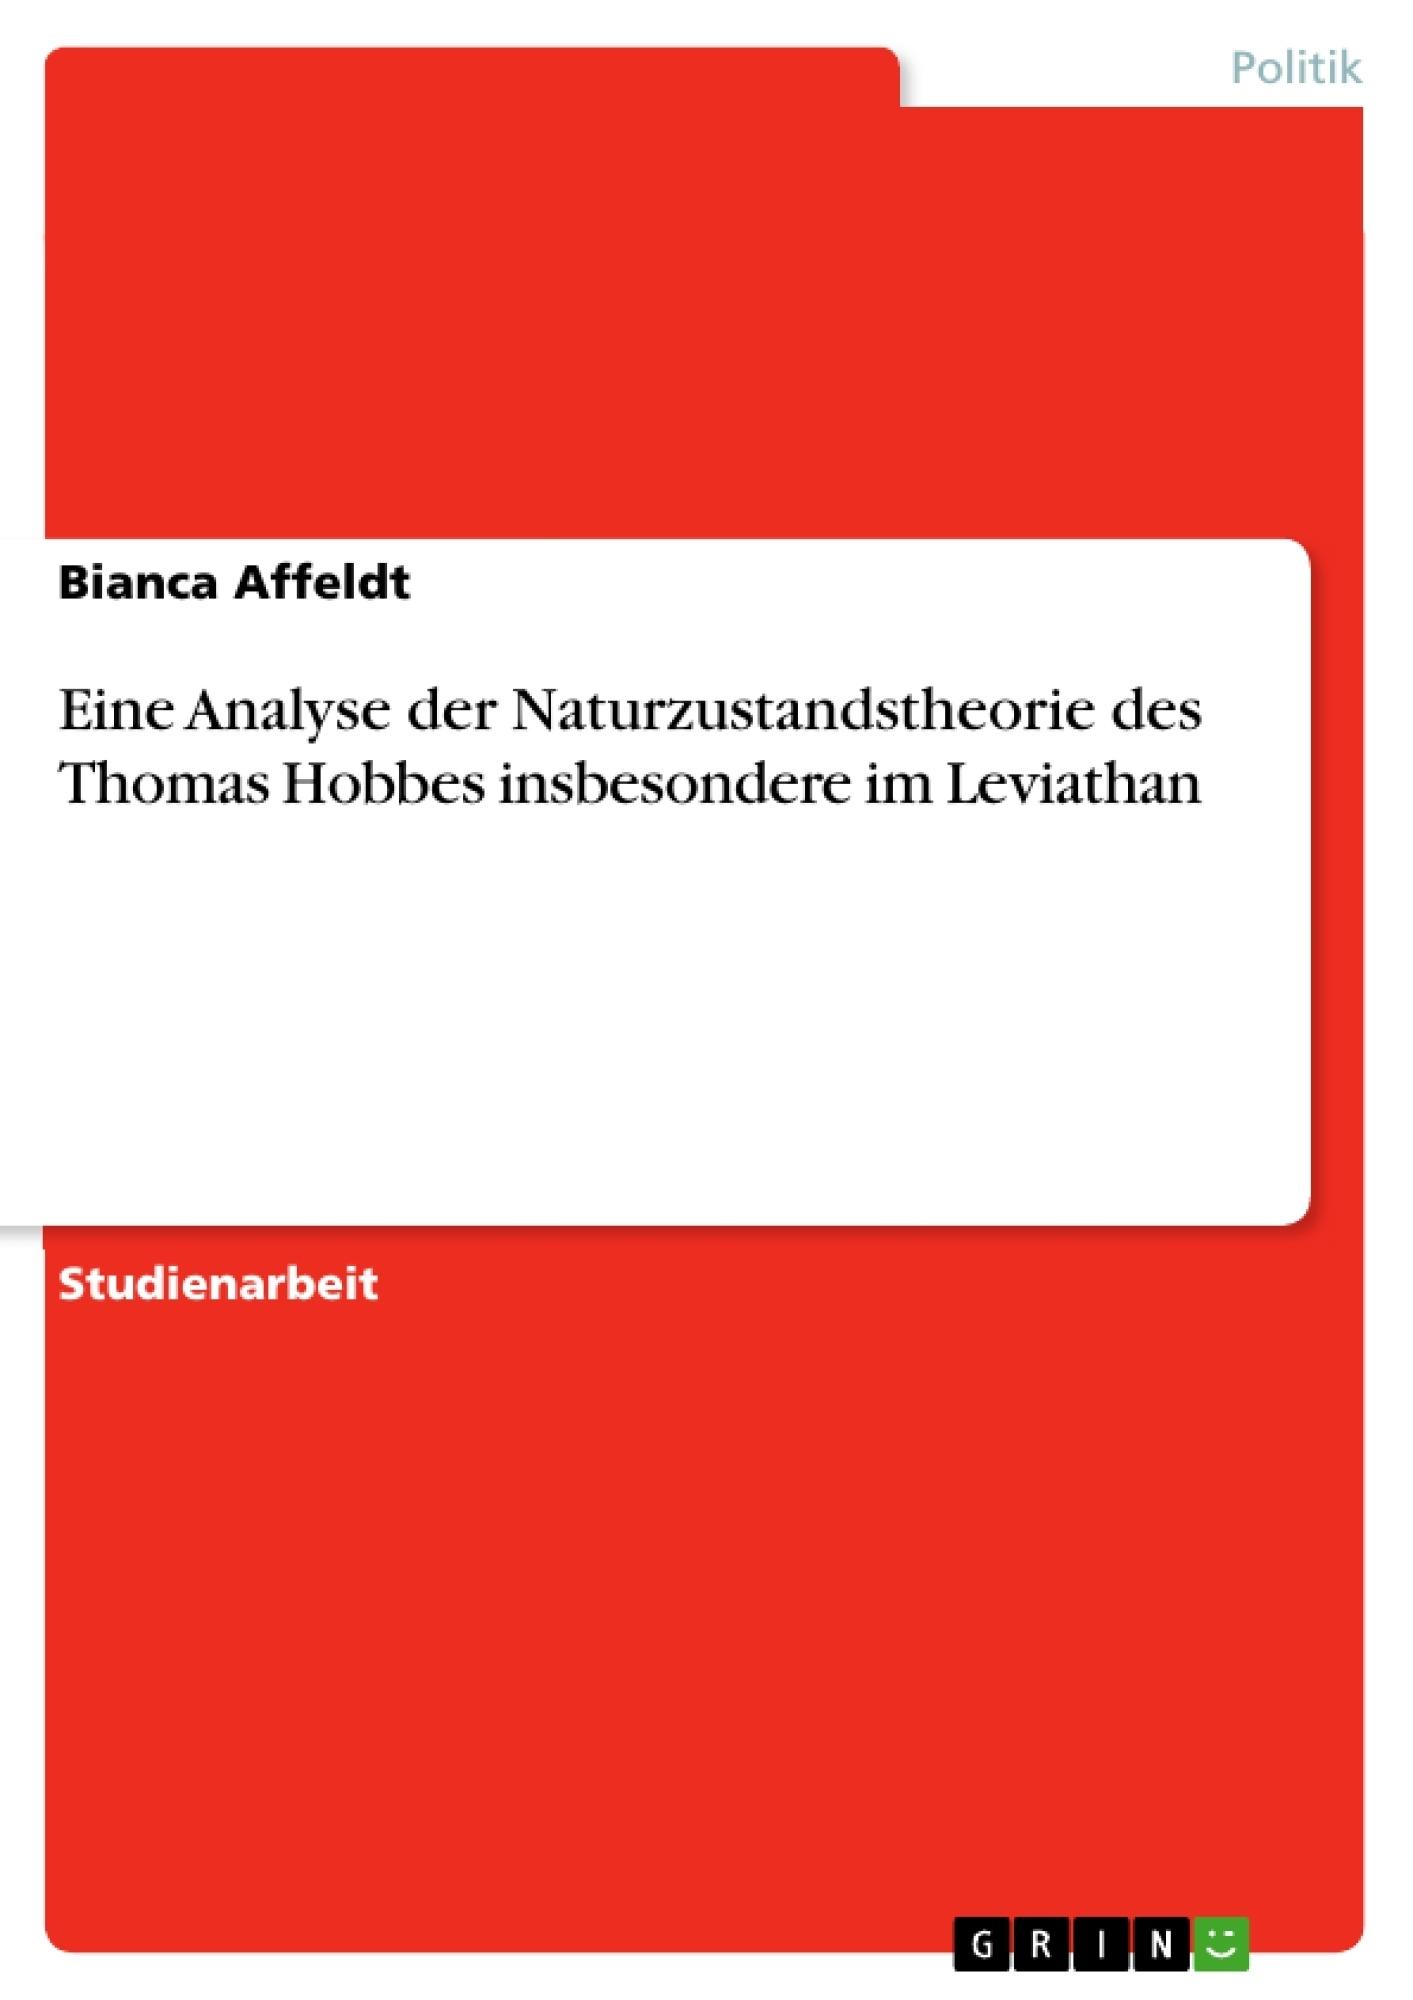 Titel: Eine Analyse der Naturzustandstheorie des Thomas Hobbes insbesondere im Leviathan